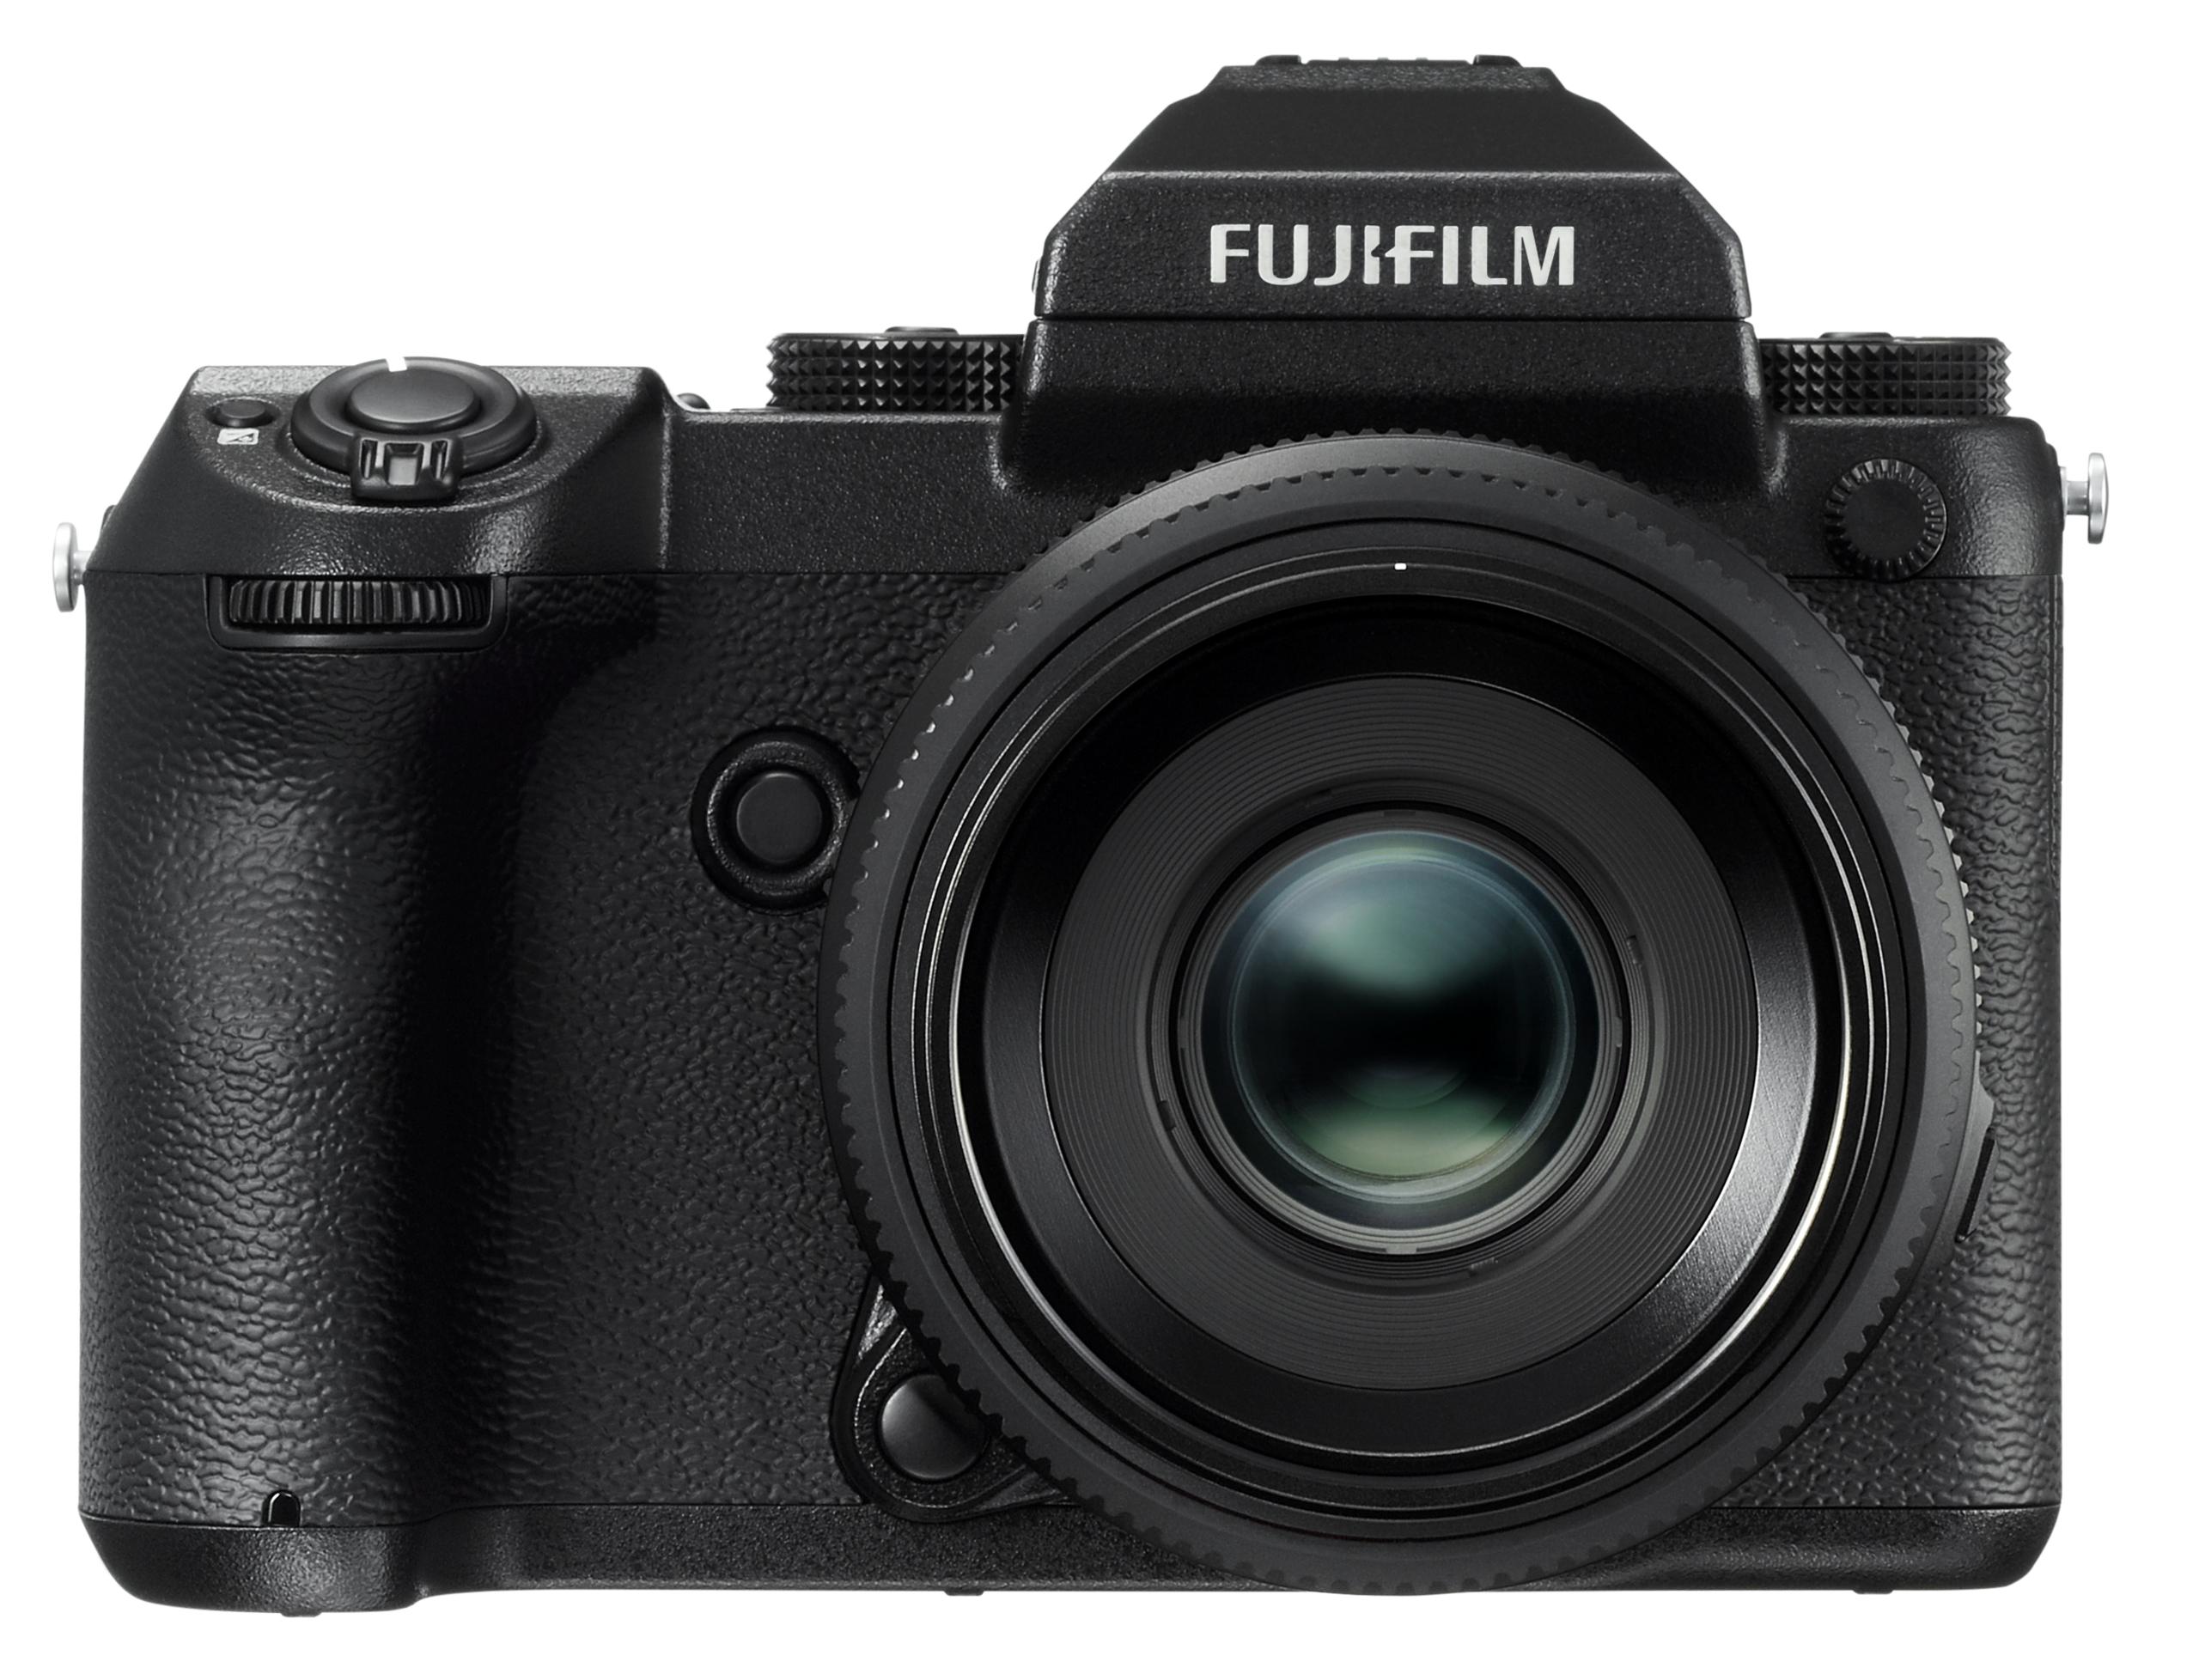 Foto de Fujifilm GFX 50S y objetivos (7/11)